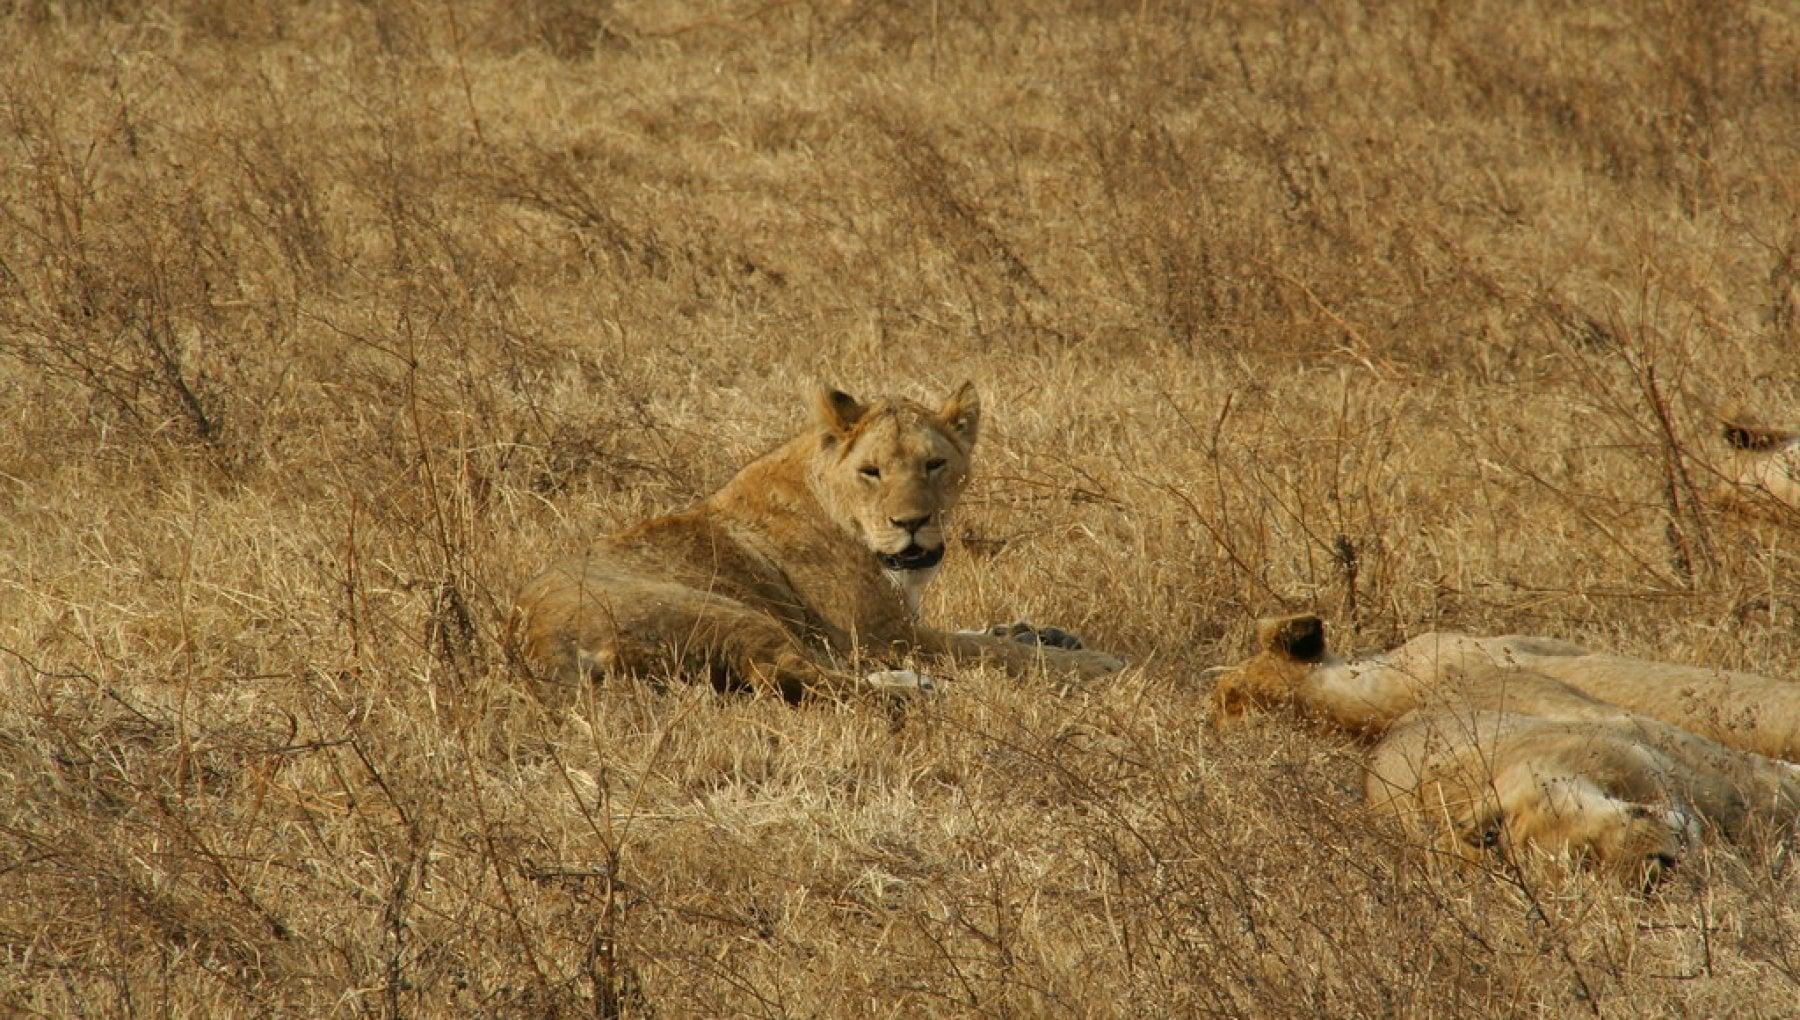 161318818 4fa55693 8fbb 489b 9463 ab91358979cb - Tre ragazzini uccisi in Tanzania dai leoni